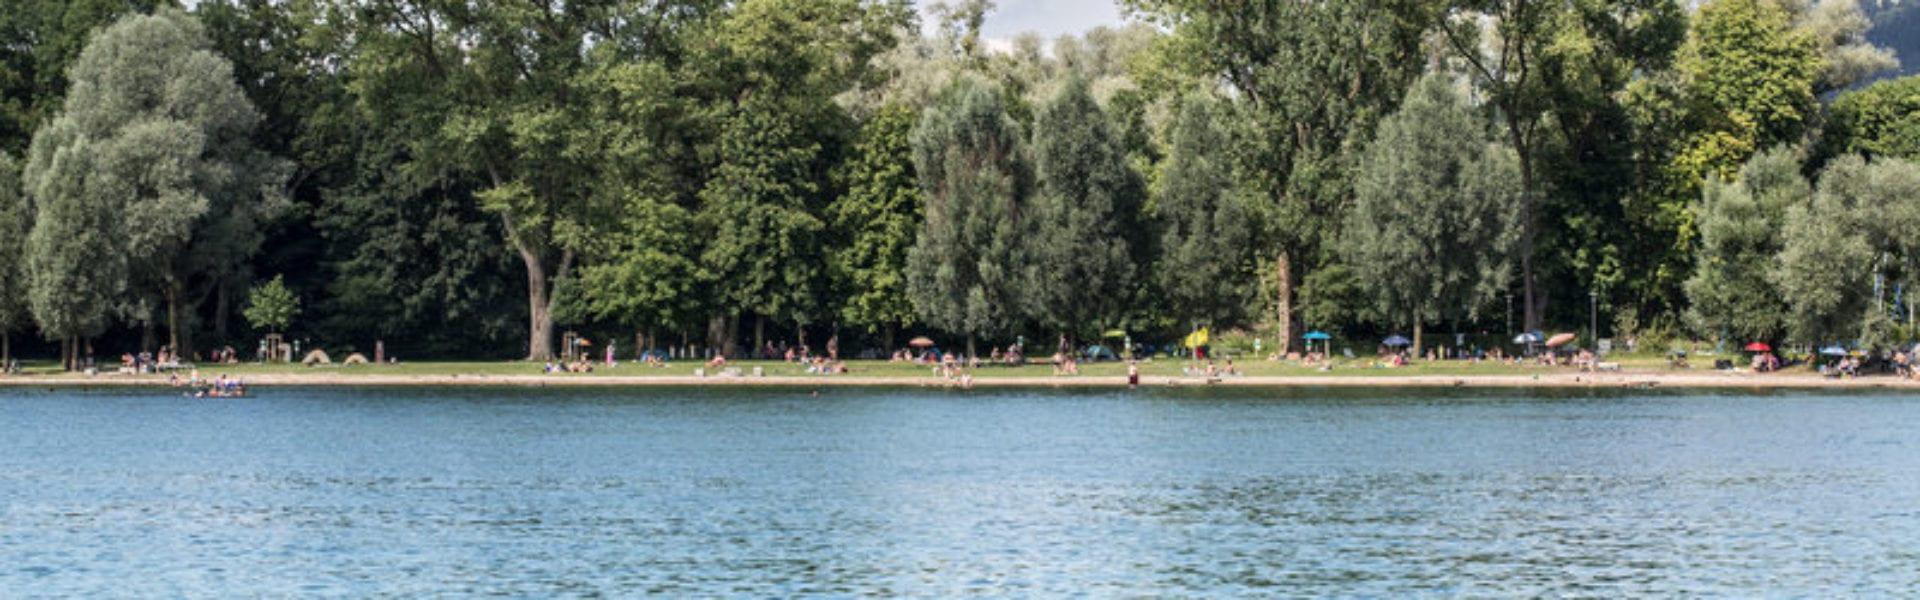 Bodensee fkk am Bodensee Erwachsenenhotels: